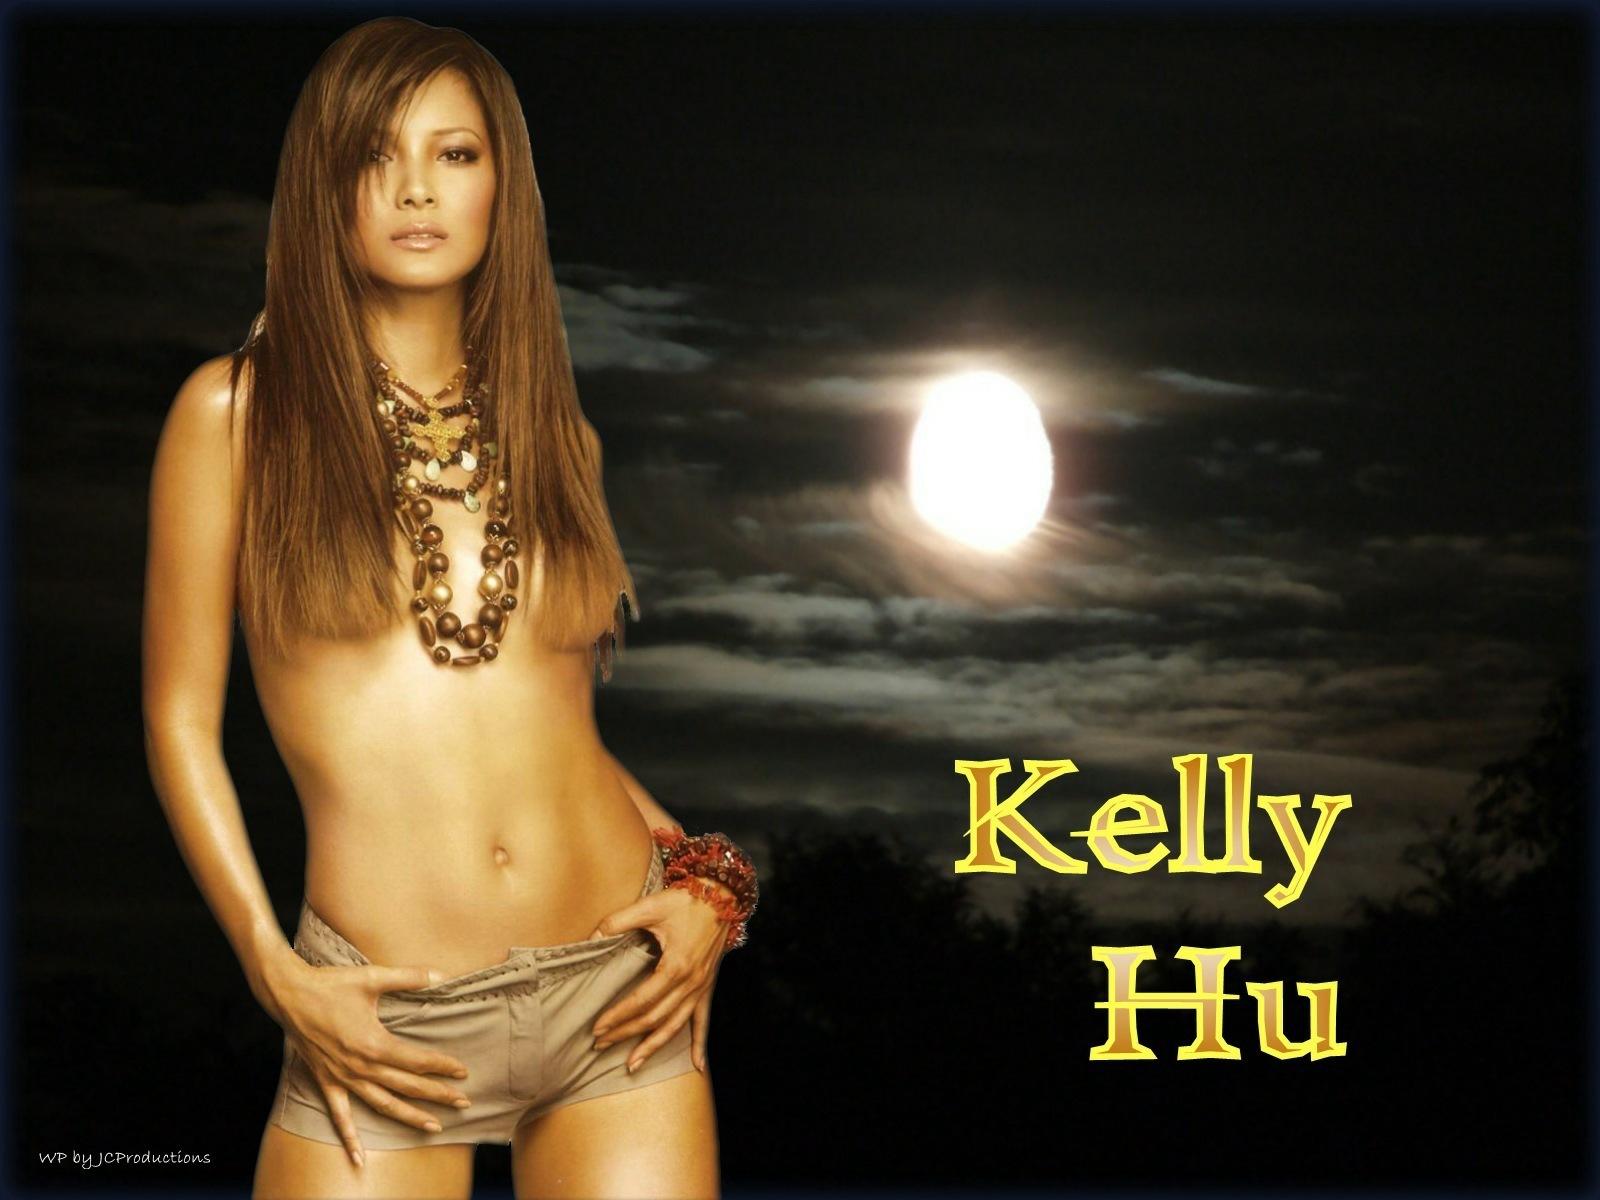 Kelly Hu Kelly Hu Wallpaper 19243612 Fanpop Page 4